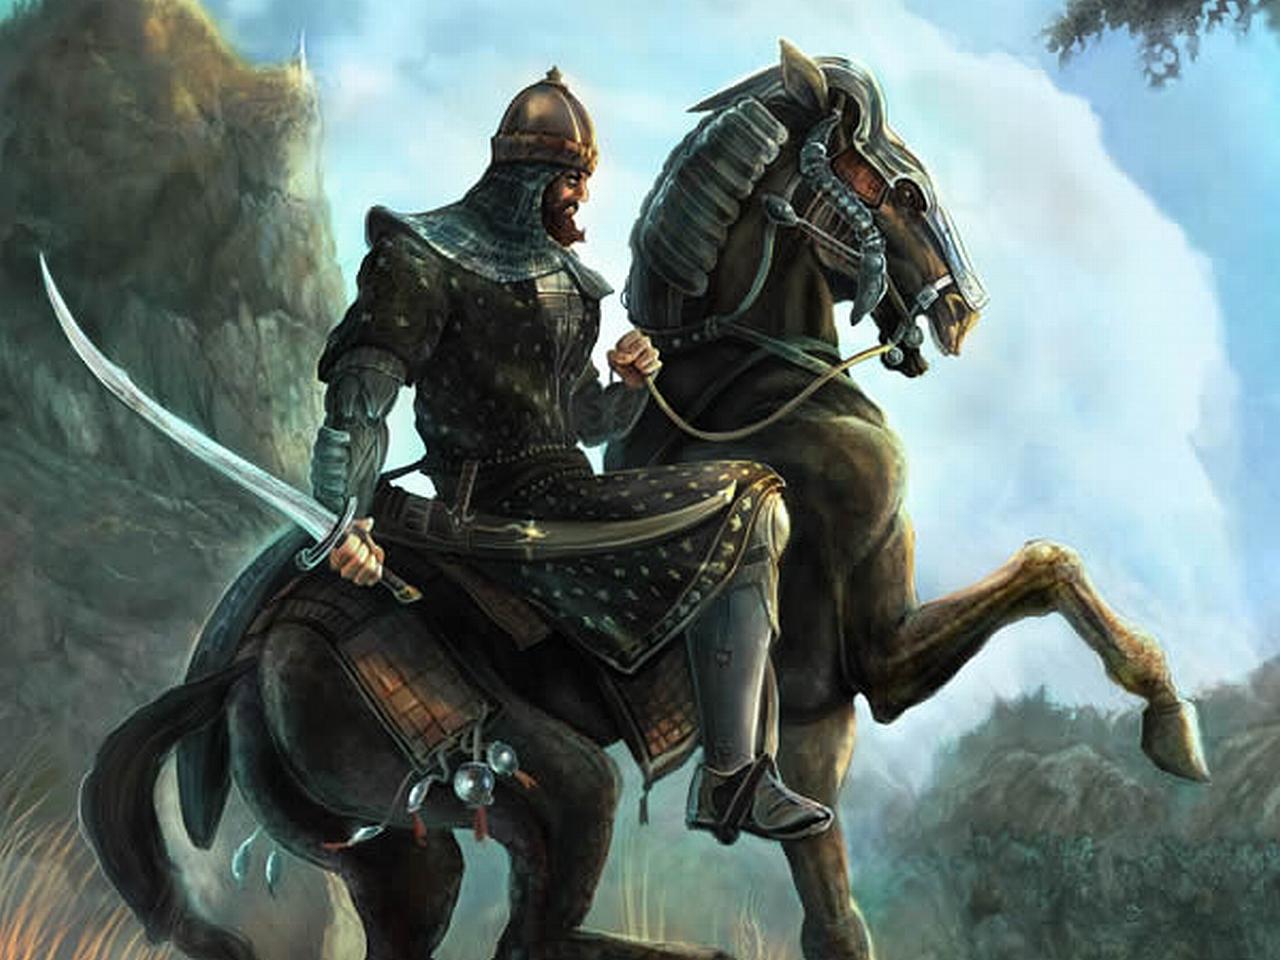 картинки древних воинов верхом на коне поможет продвинуть